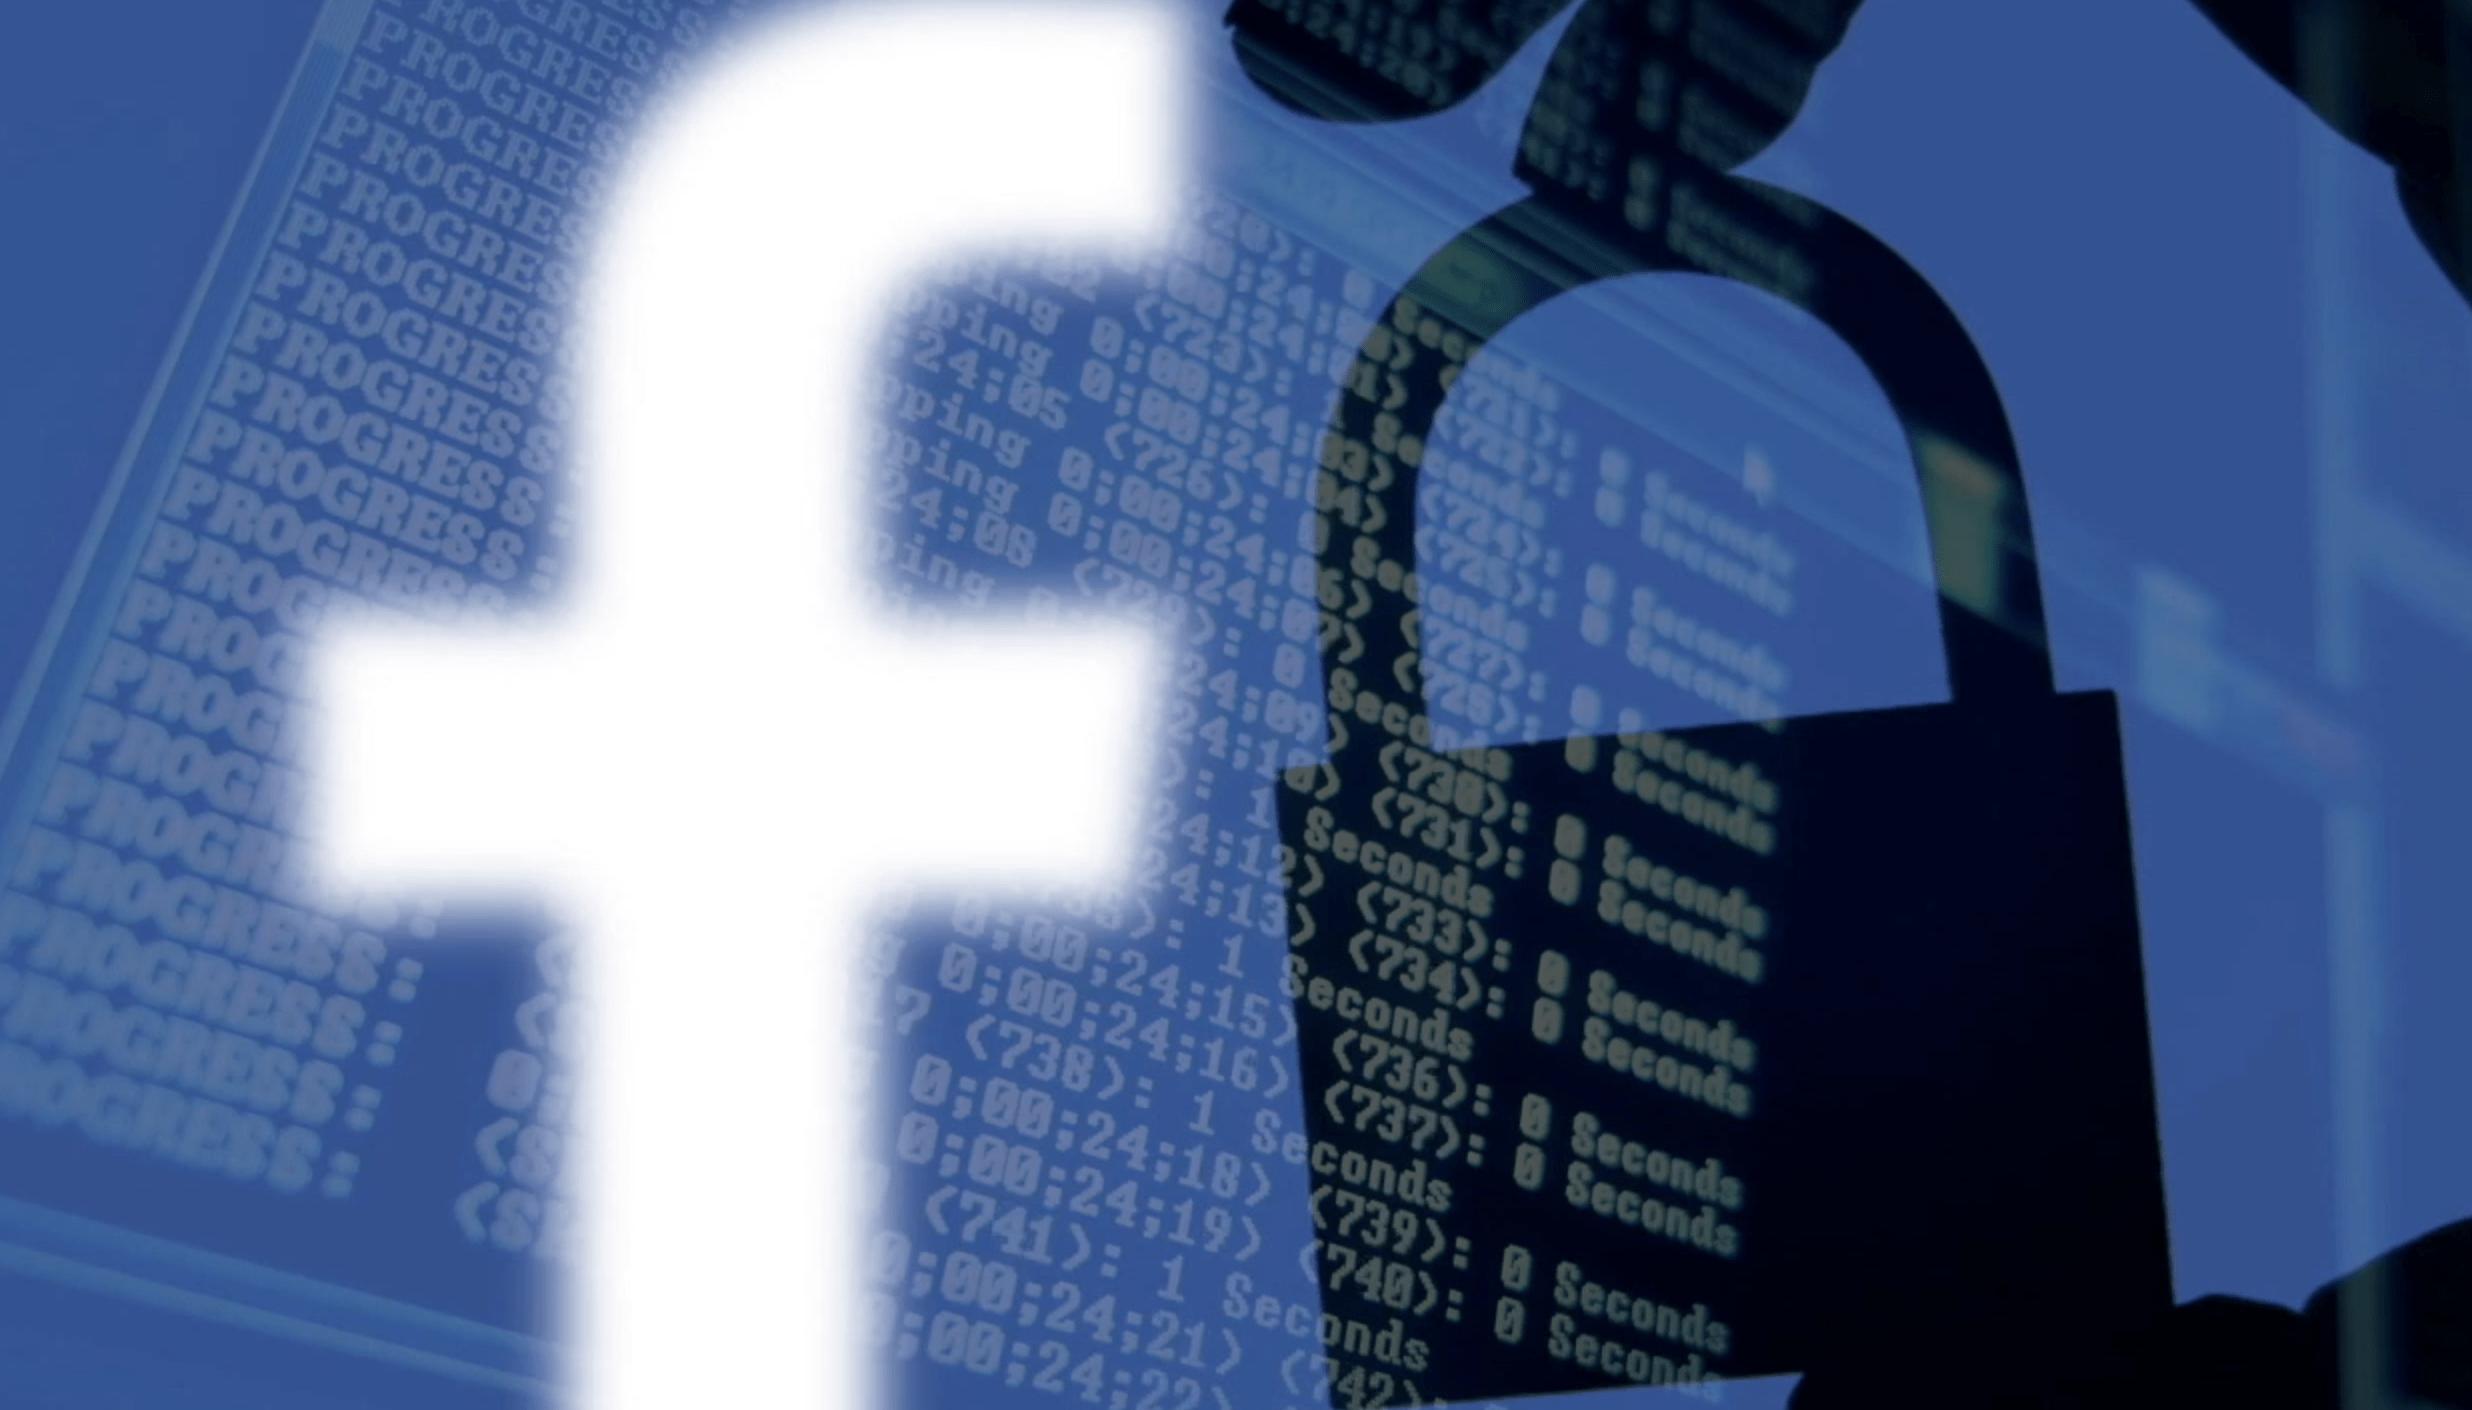 Stalking on social media platforms